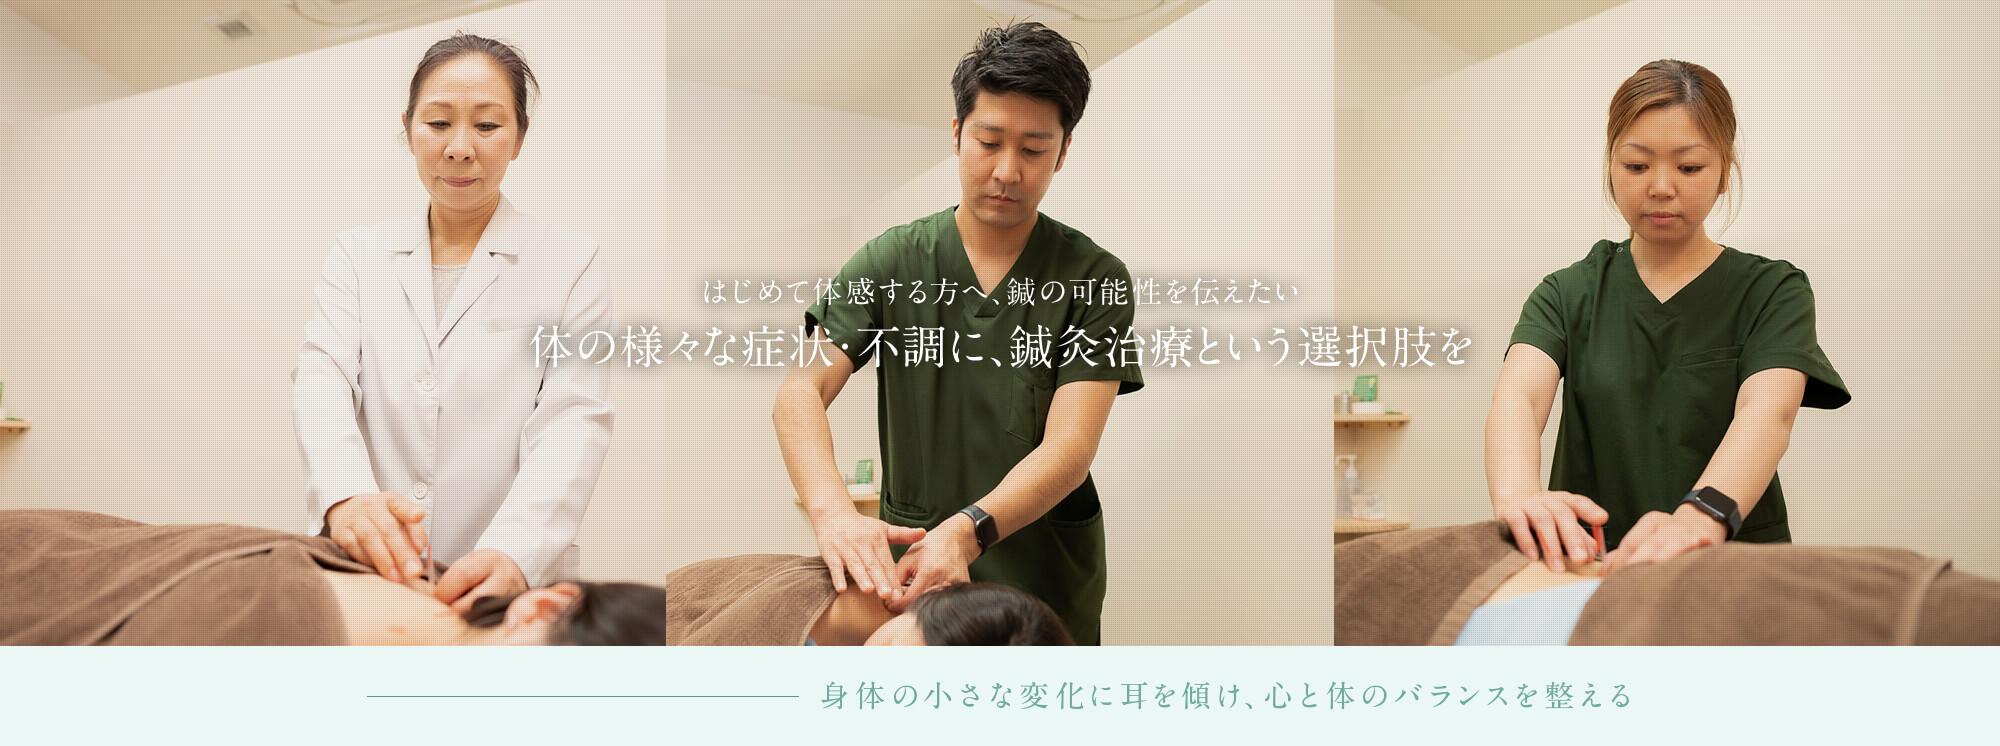 何気ない日常に、幸せを感じられる余裕をもちましょう。「心」と「体」を紡ぐ治療院 名取中央治療院